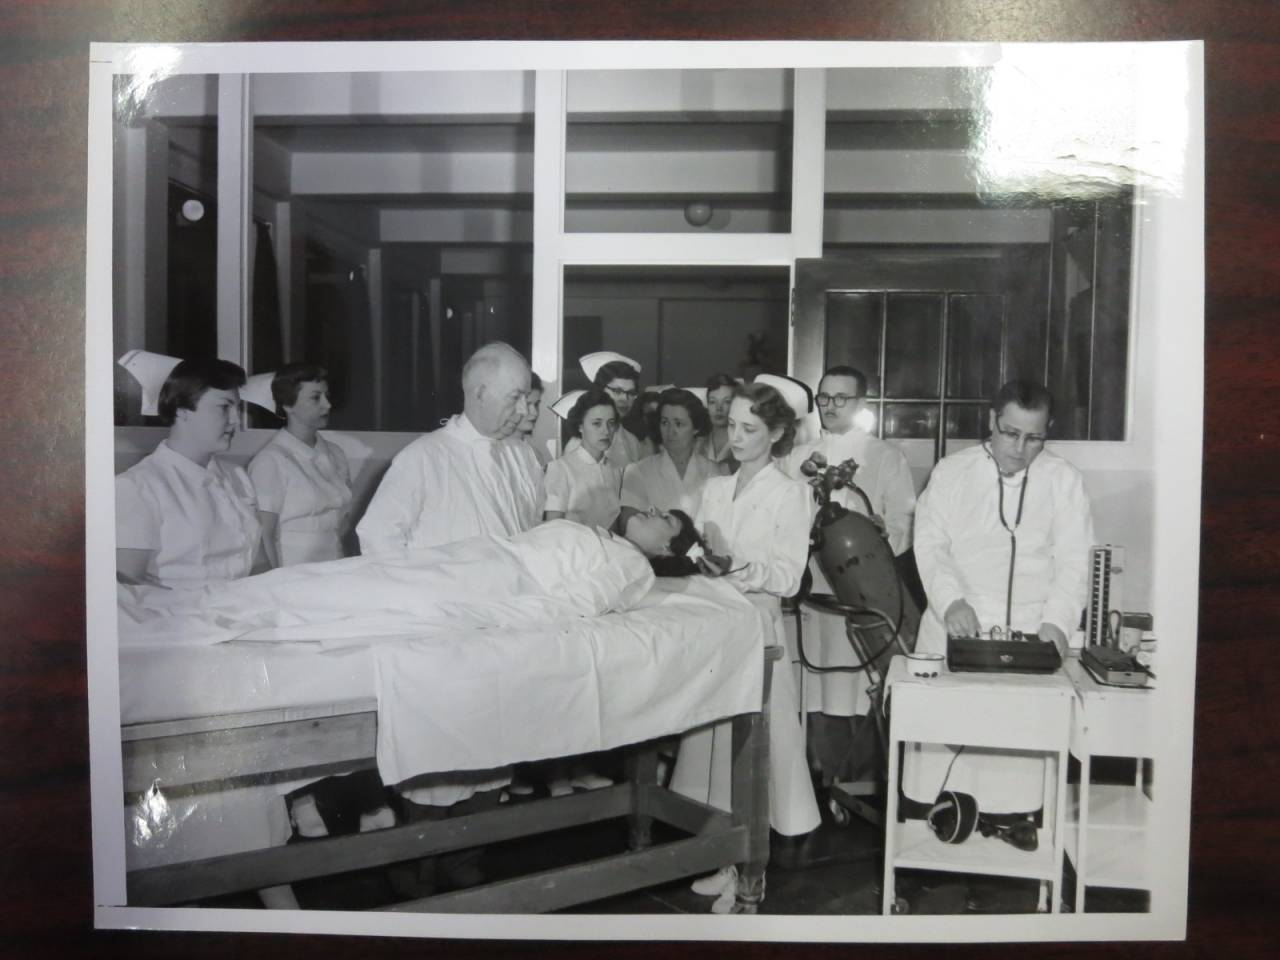 Ám ảnh bệnh viện tâm thần từ thế kỷ 19 - 7